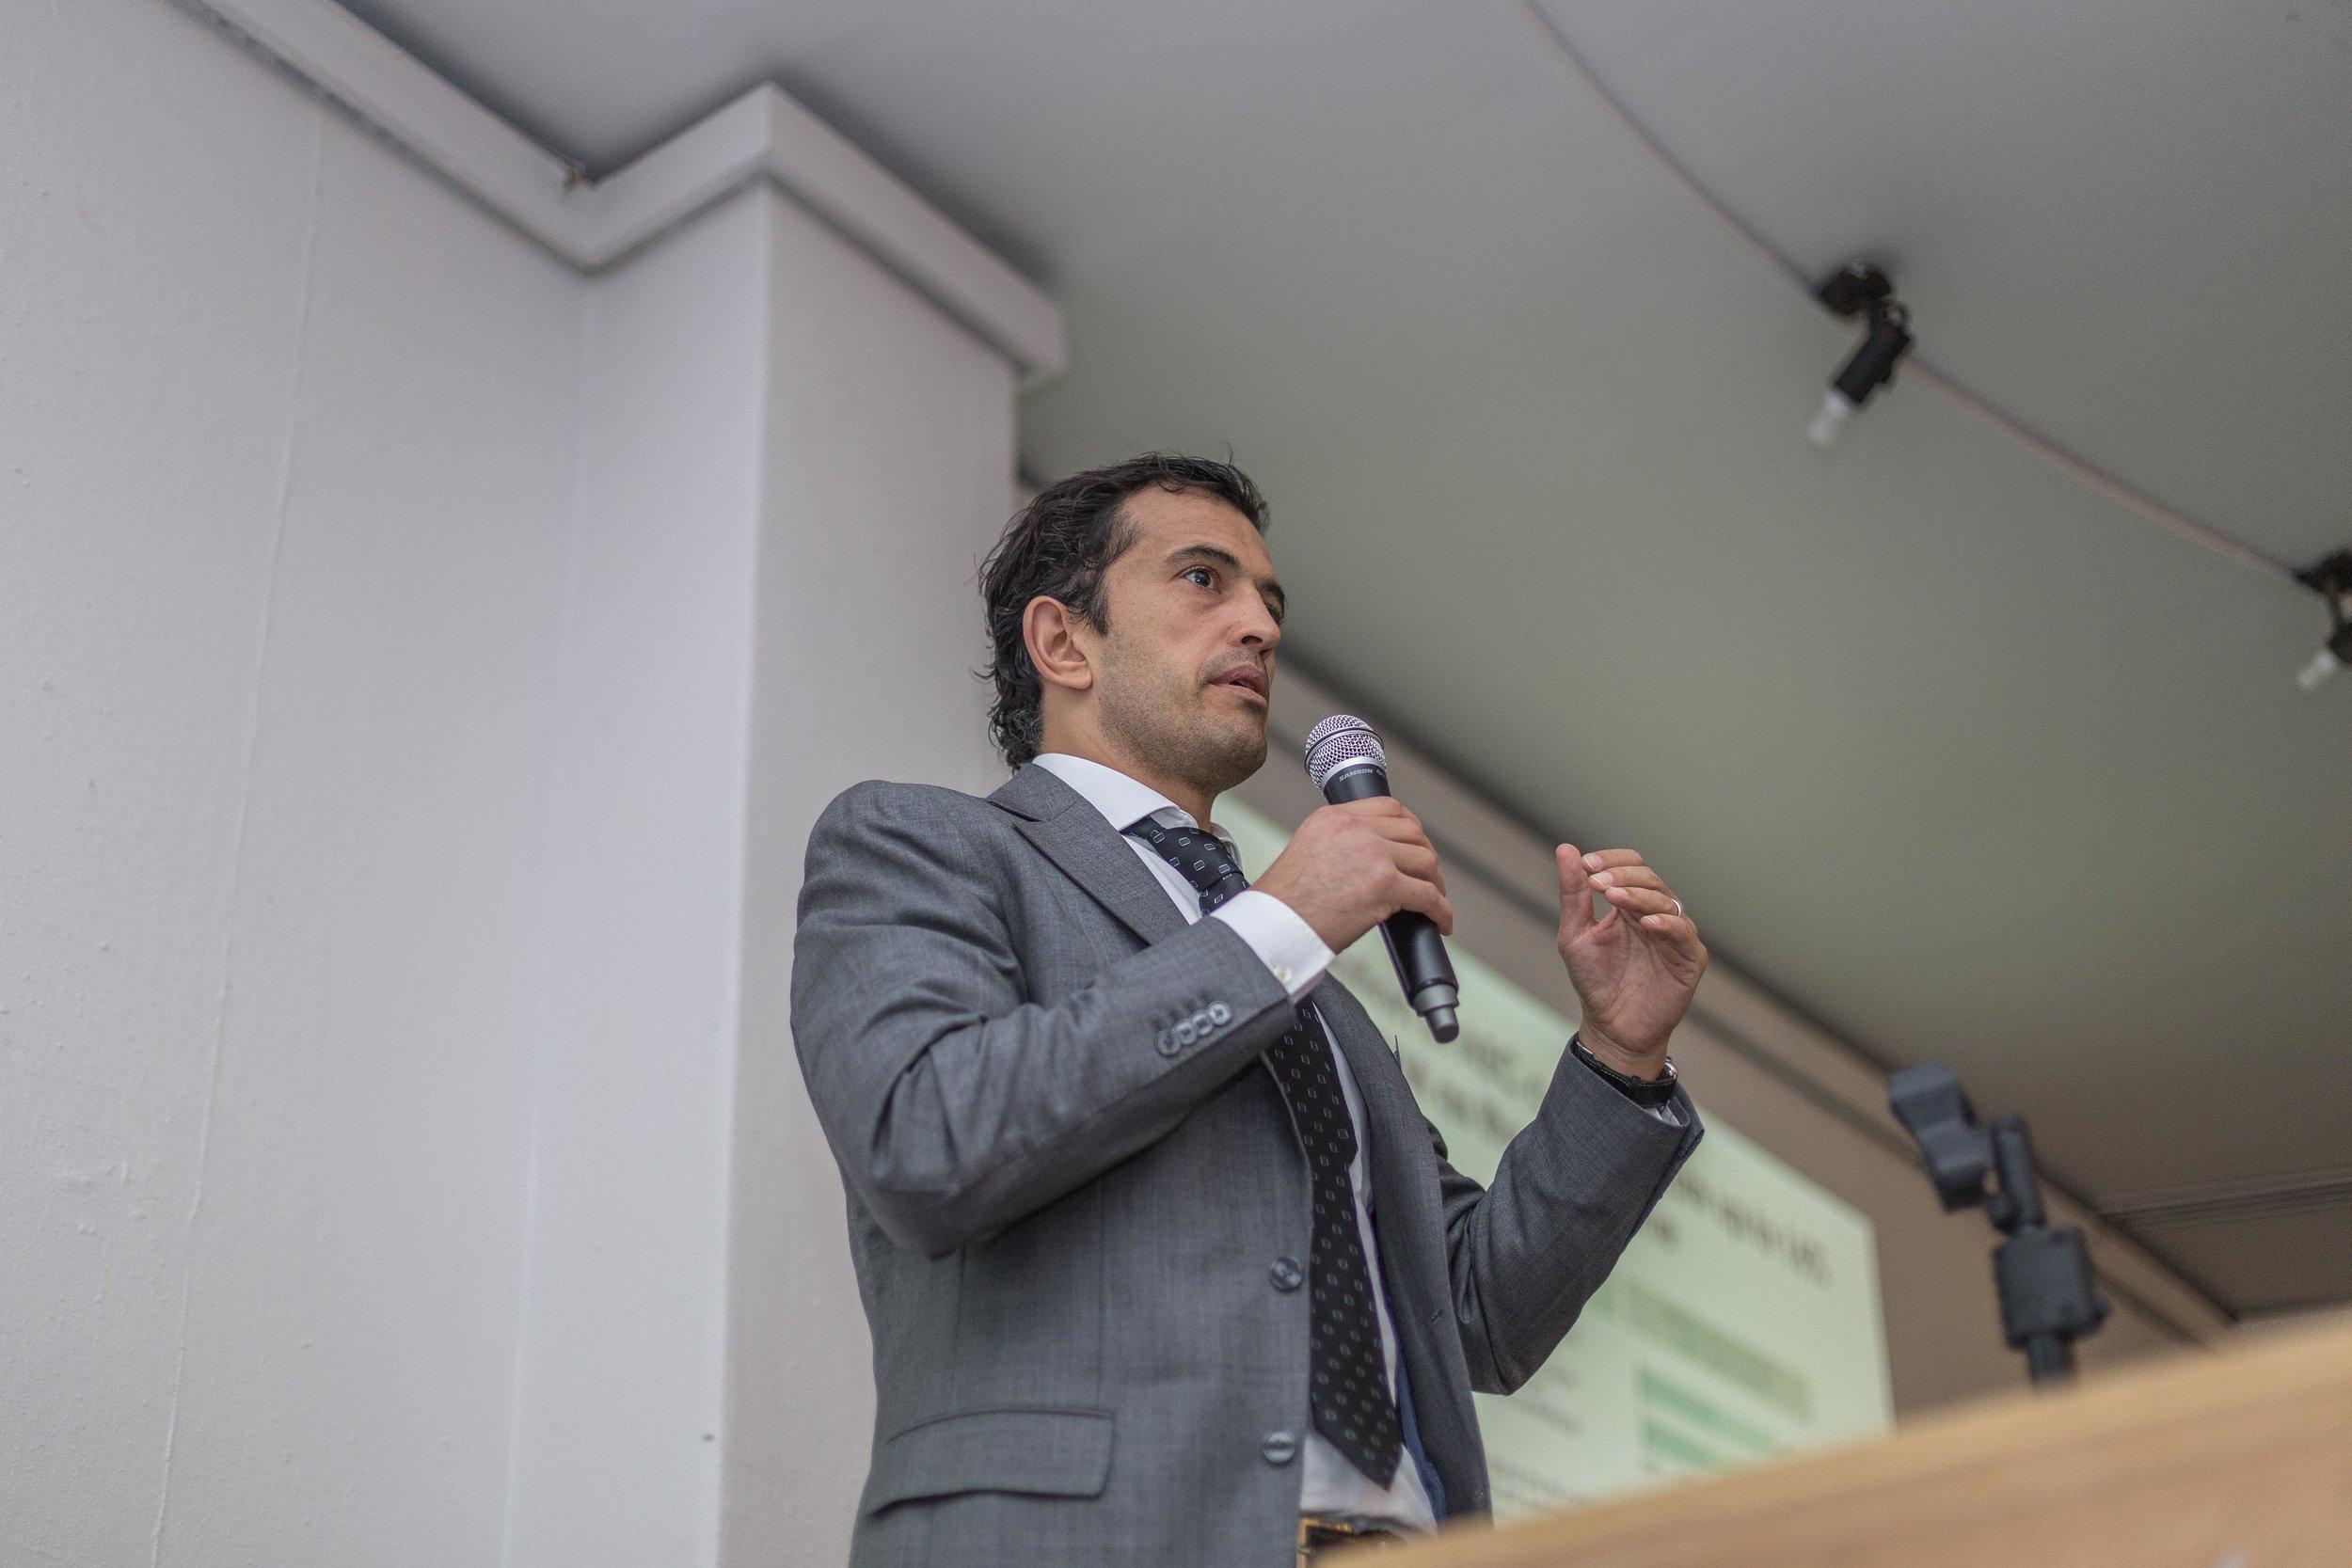 6 Jornada BIM 2019 (17)Diego Ibarra.jpg